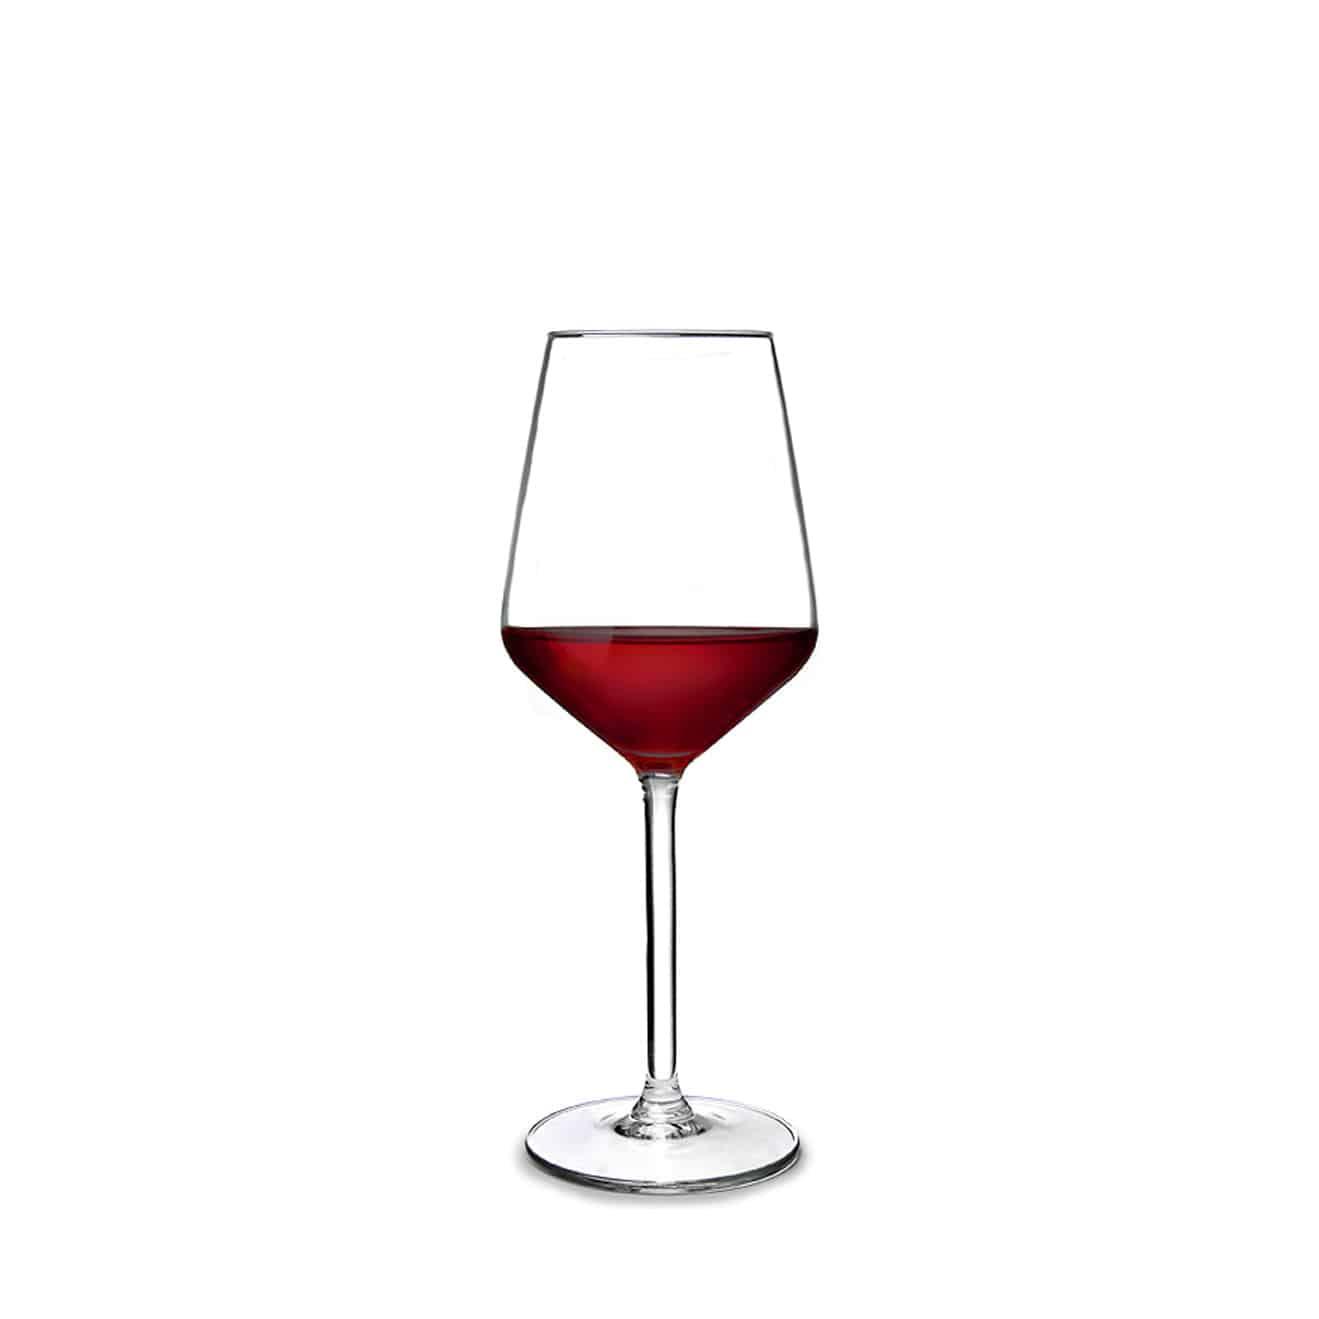 Čaša za crveno vino Libbey 530 ml